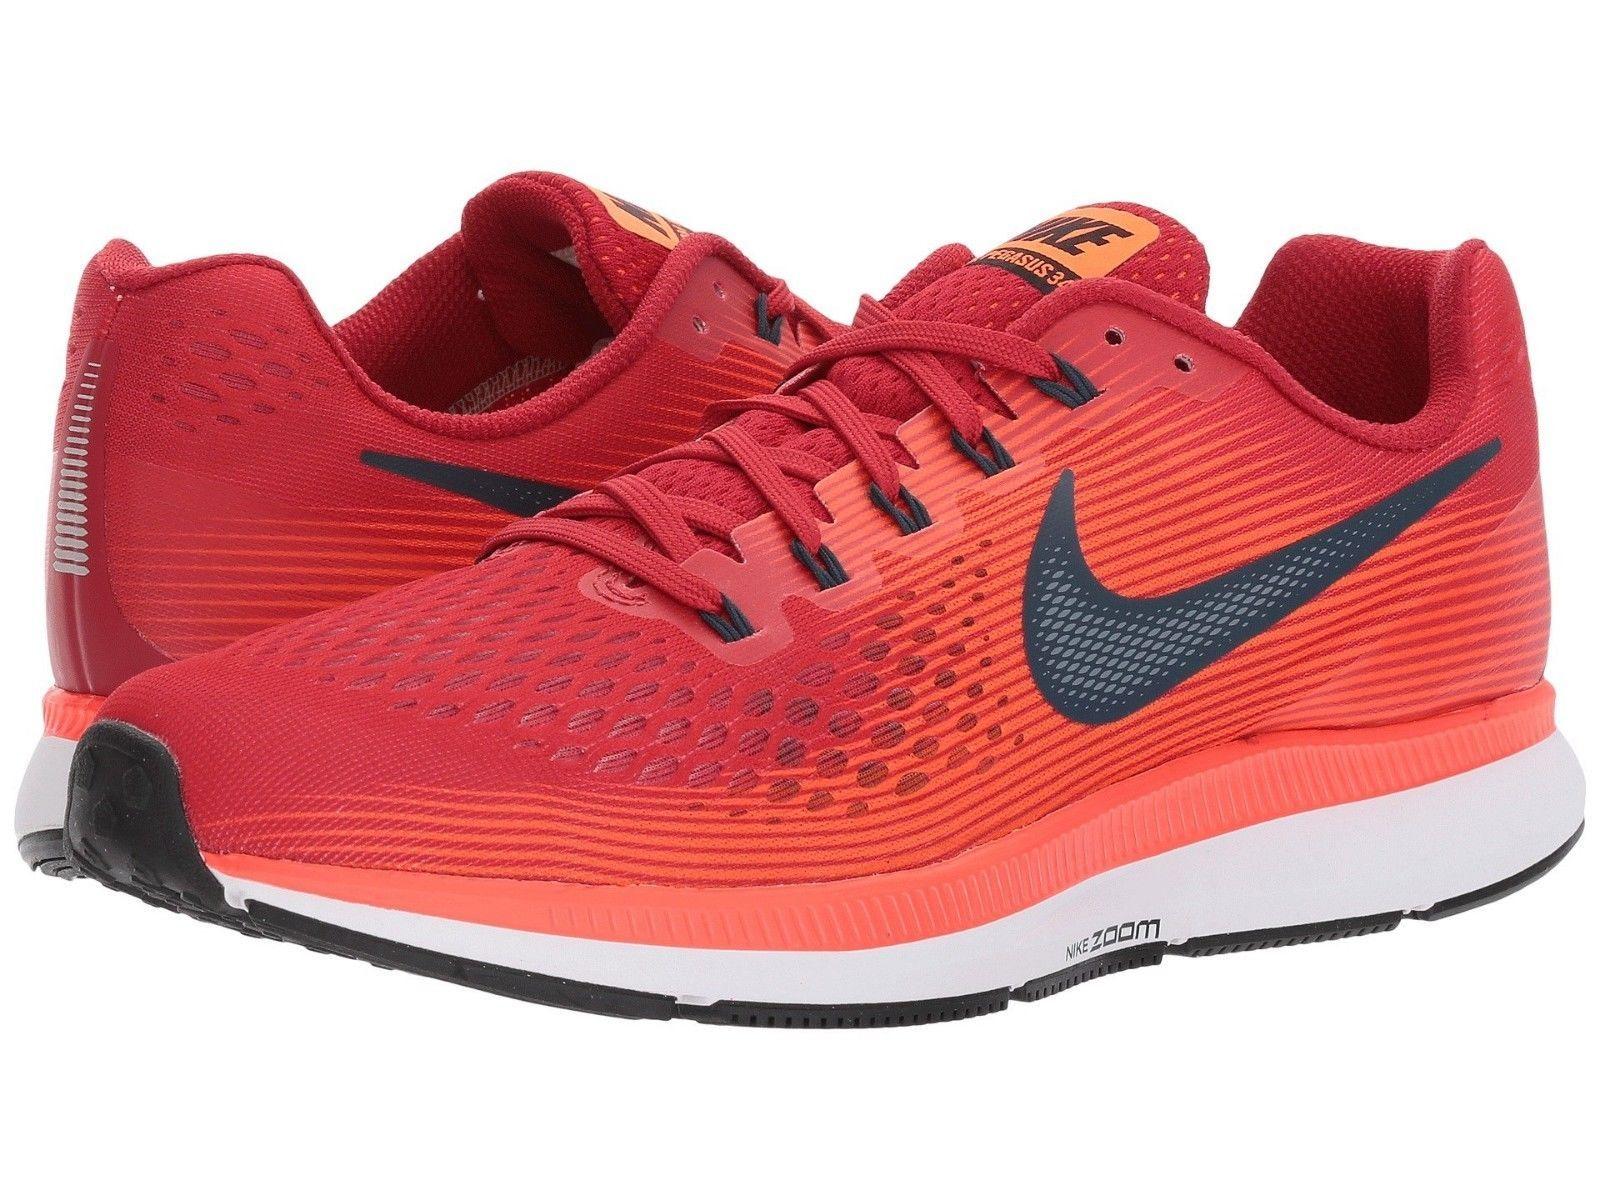 89f670e8e45 Men s Nike Zoom Pegasus 34 Running Shoes